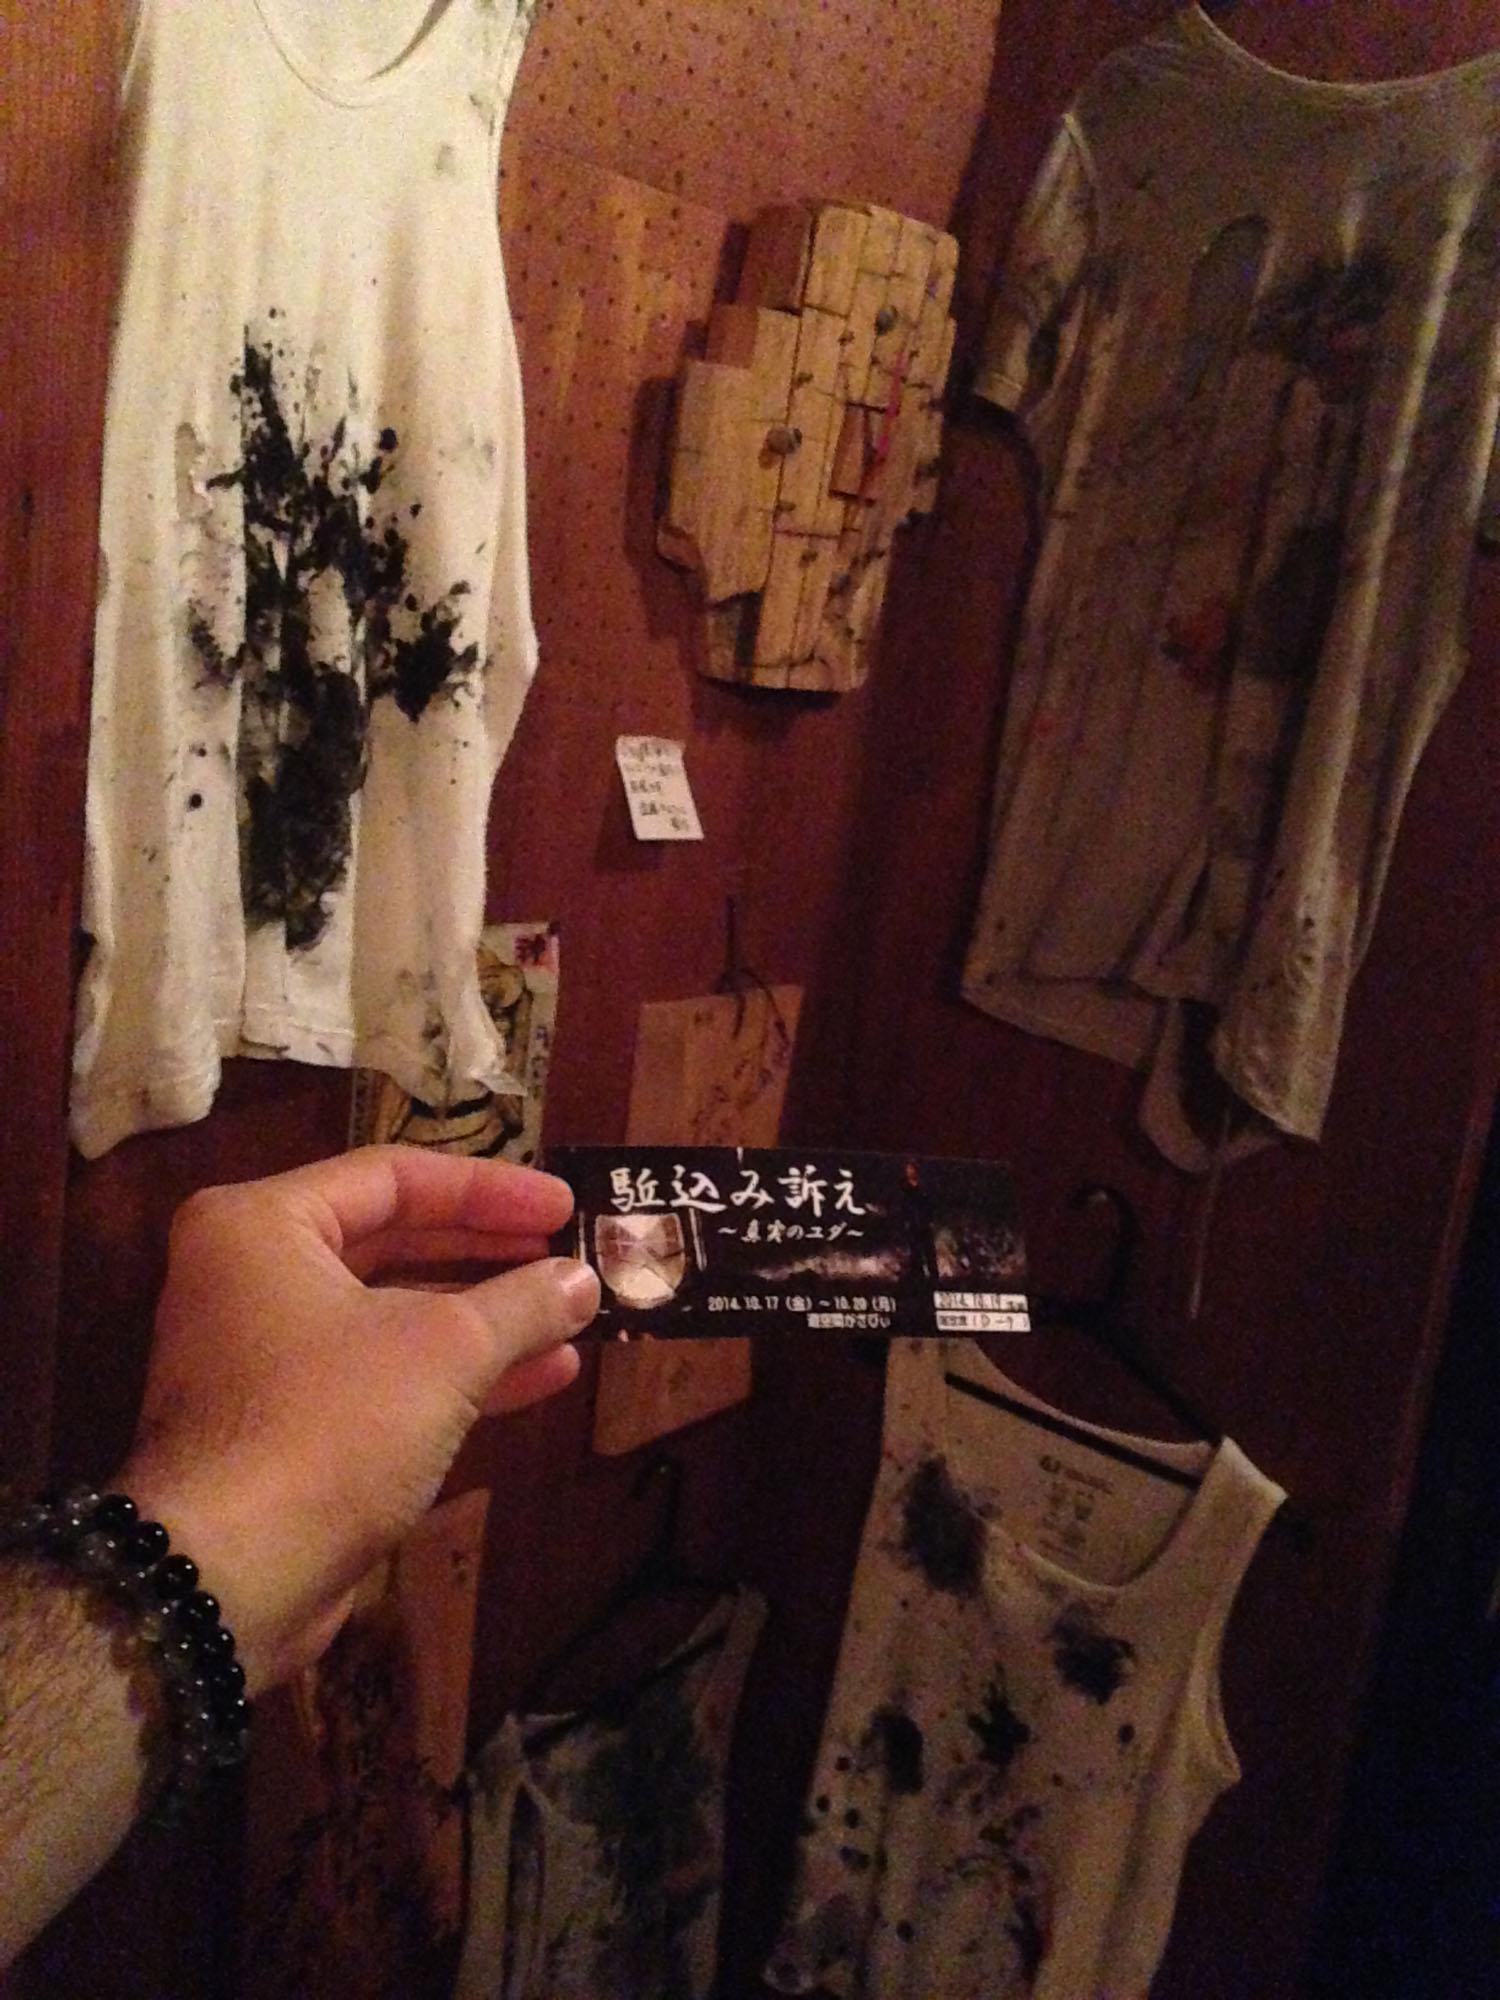 西荻窪 遊空間かざびい 劇場にて衣装の展示